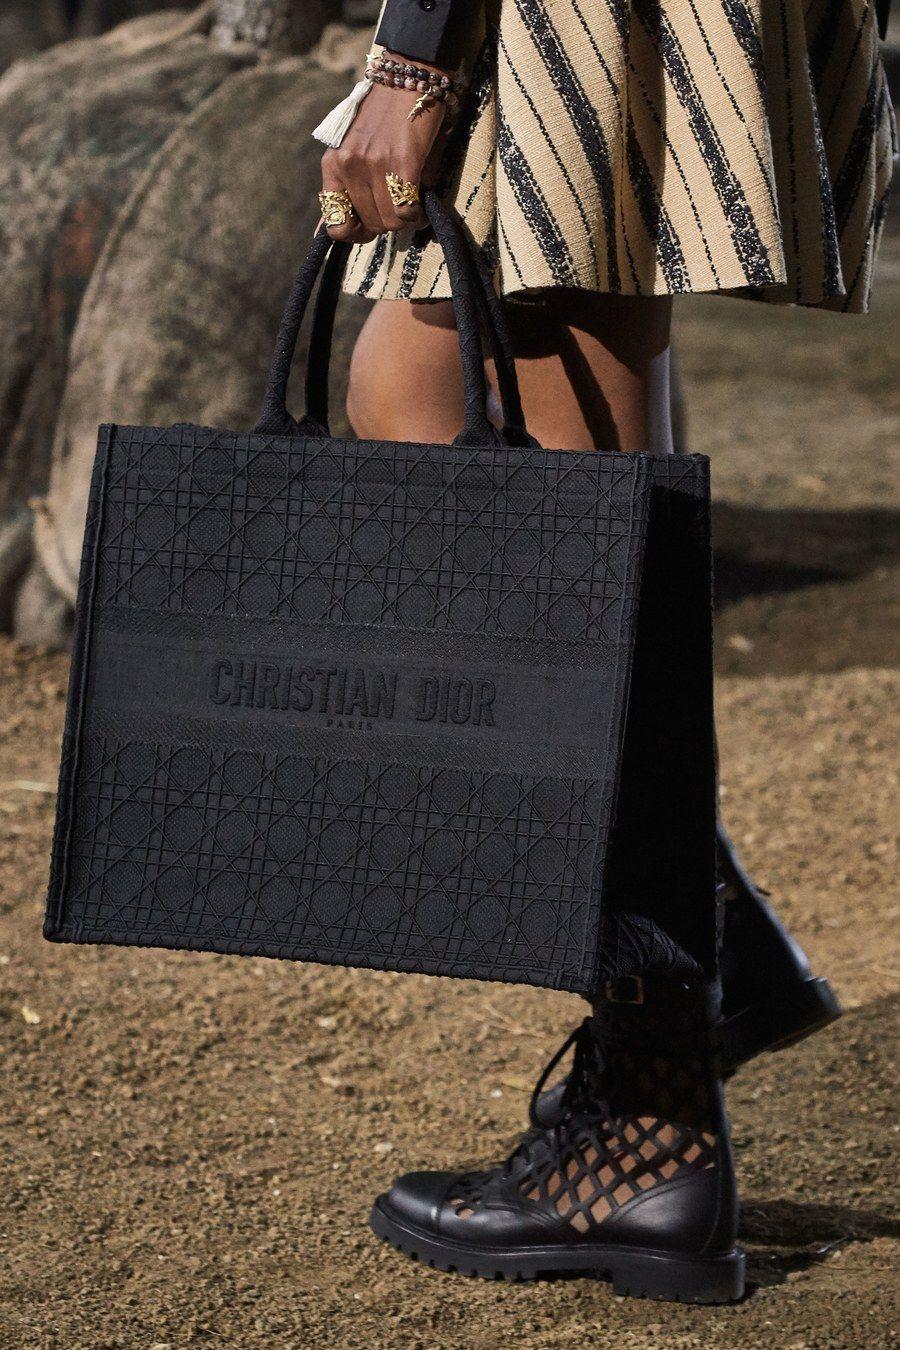 Christian Dior Spring 2020 ReadytoWear Fashion Show in